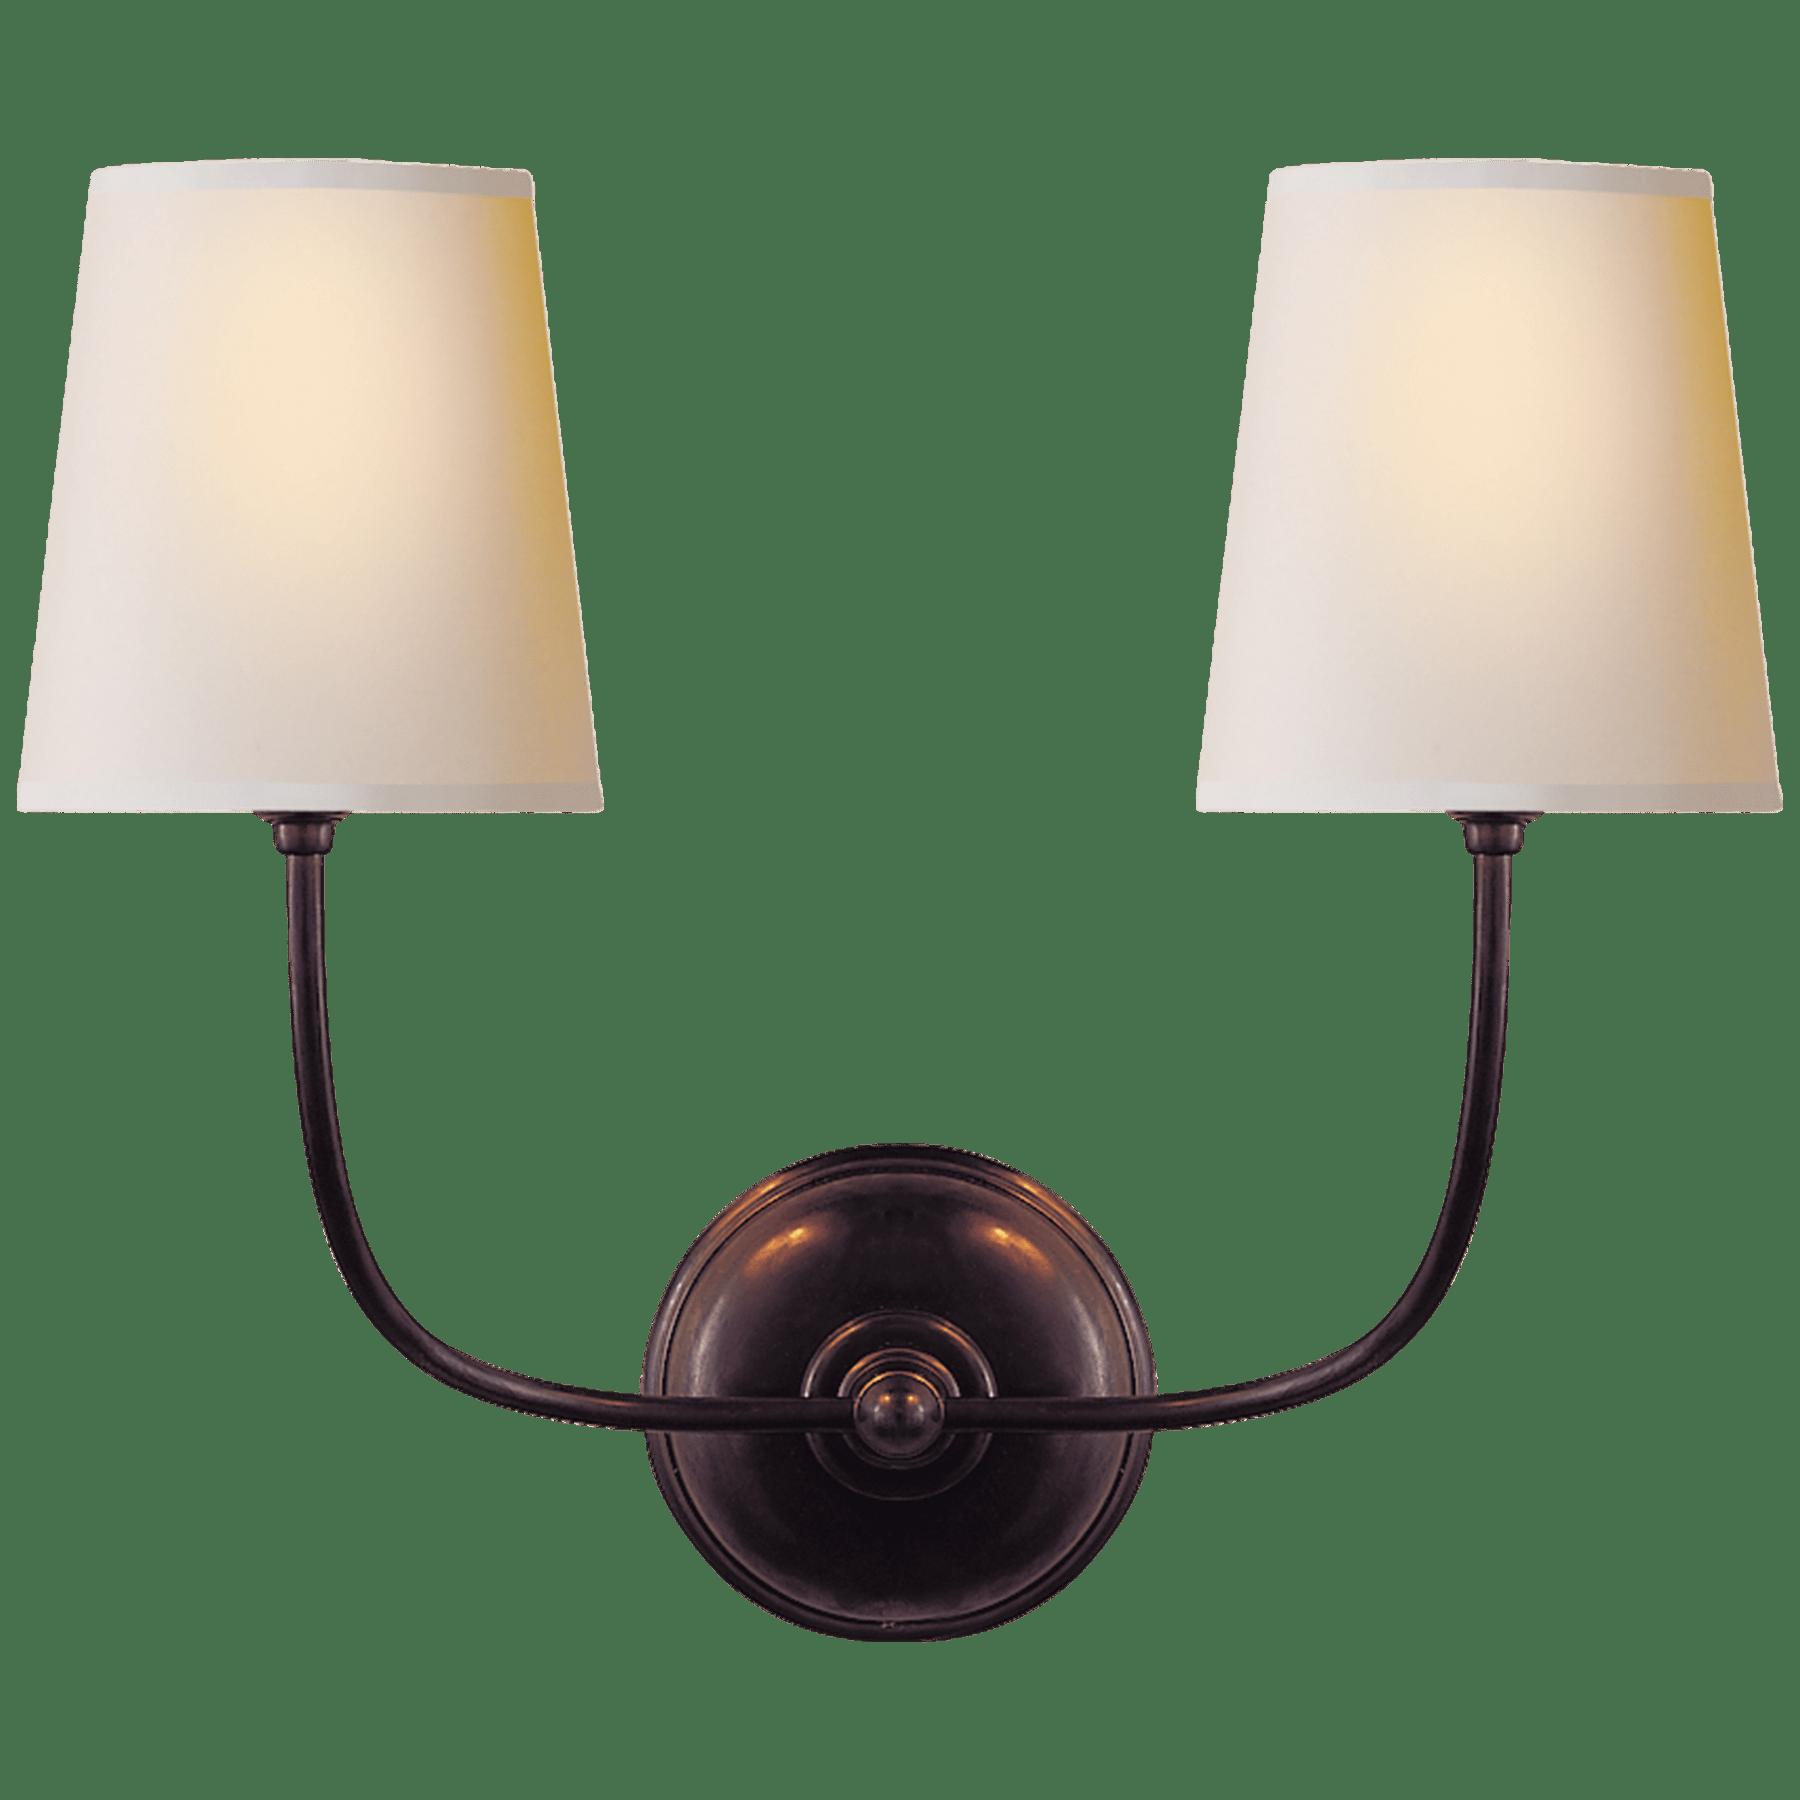 Vendome Double Sconce Designer Thomas O Brien Circa Lighting